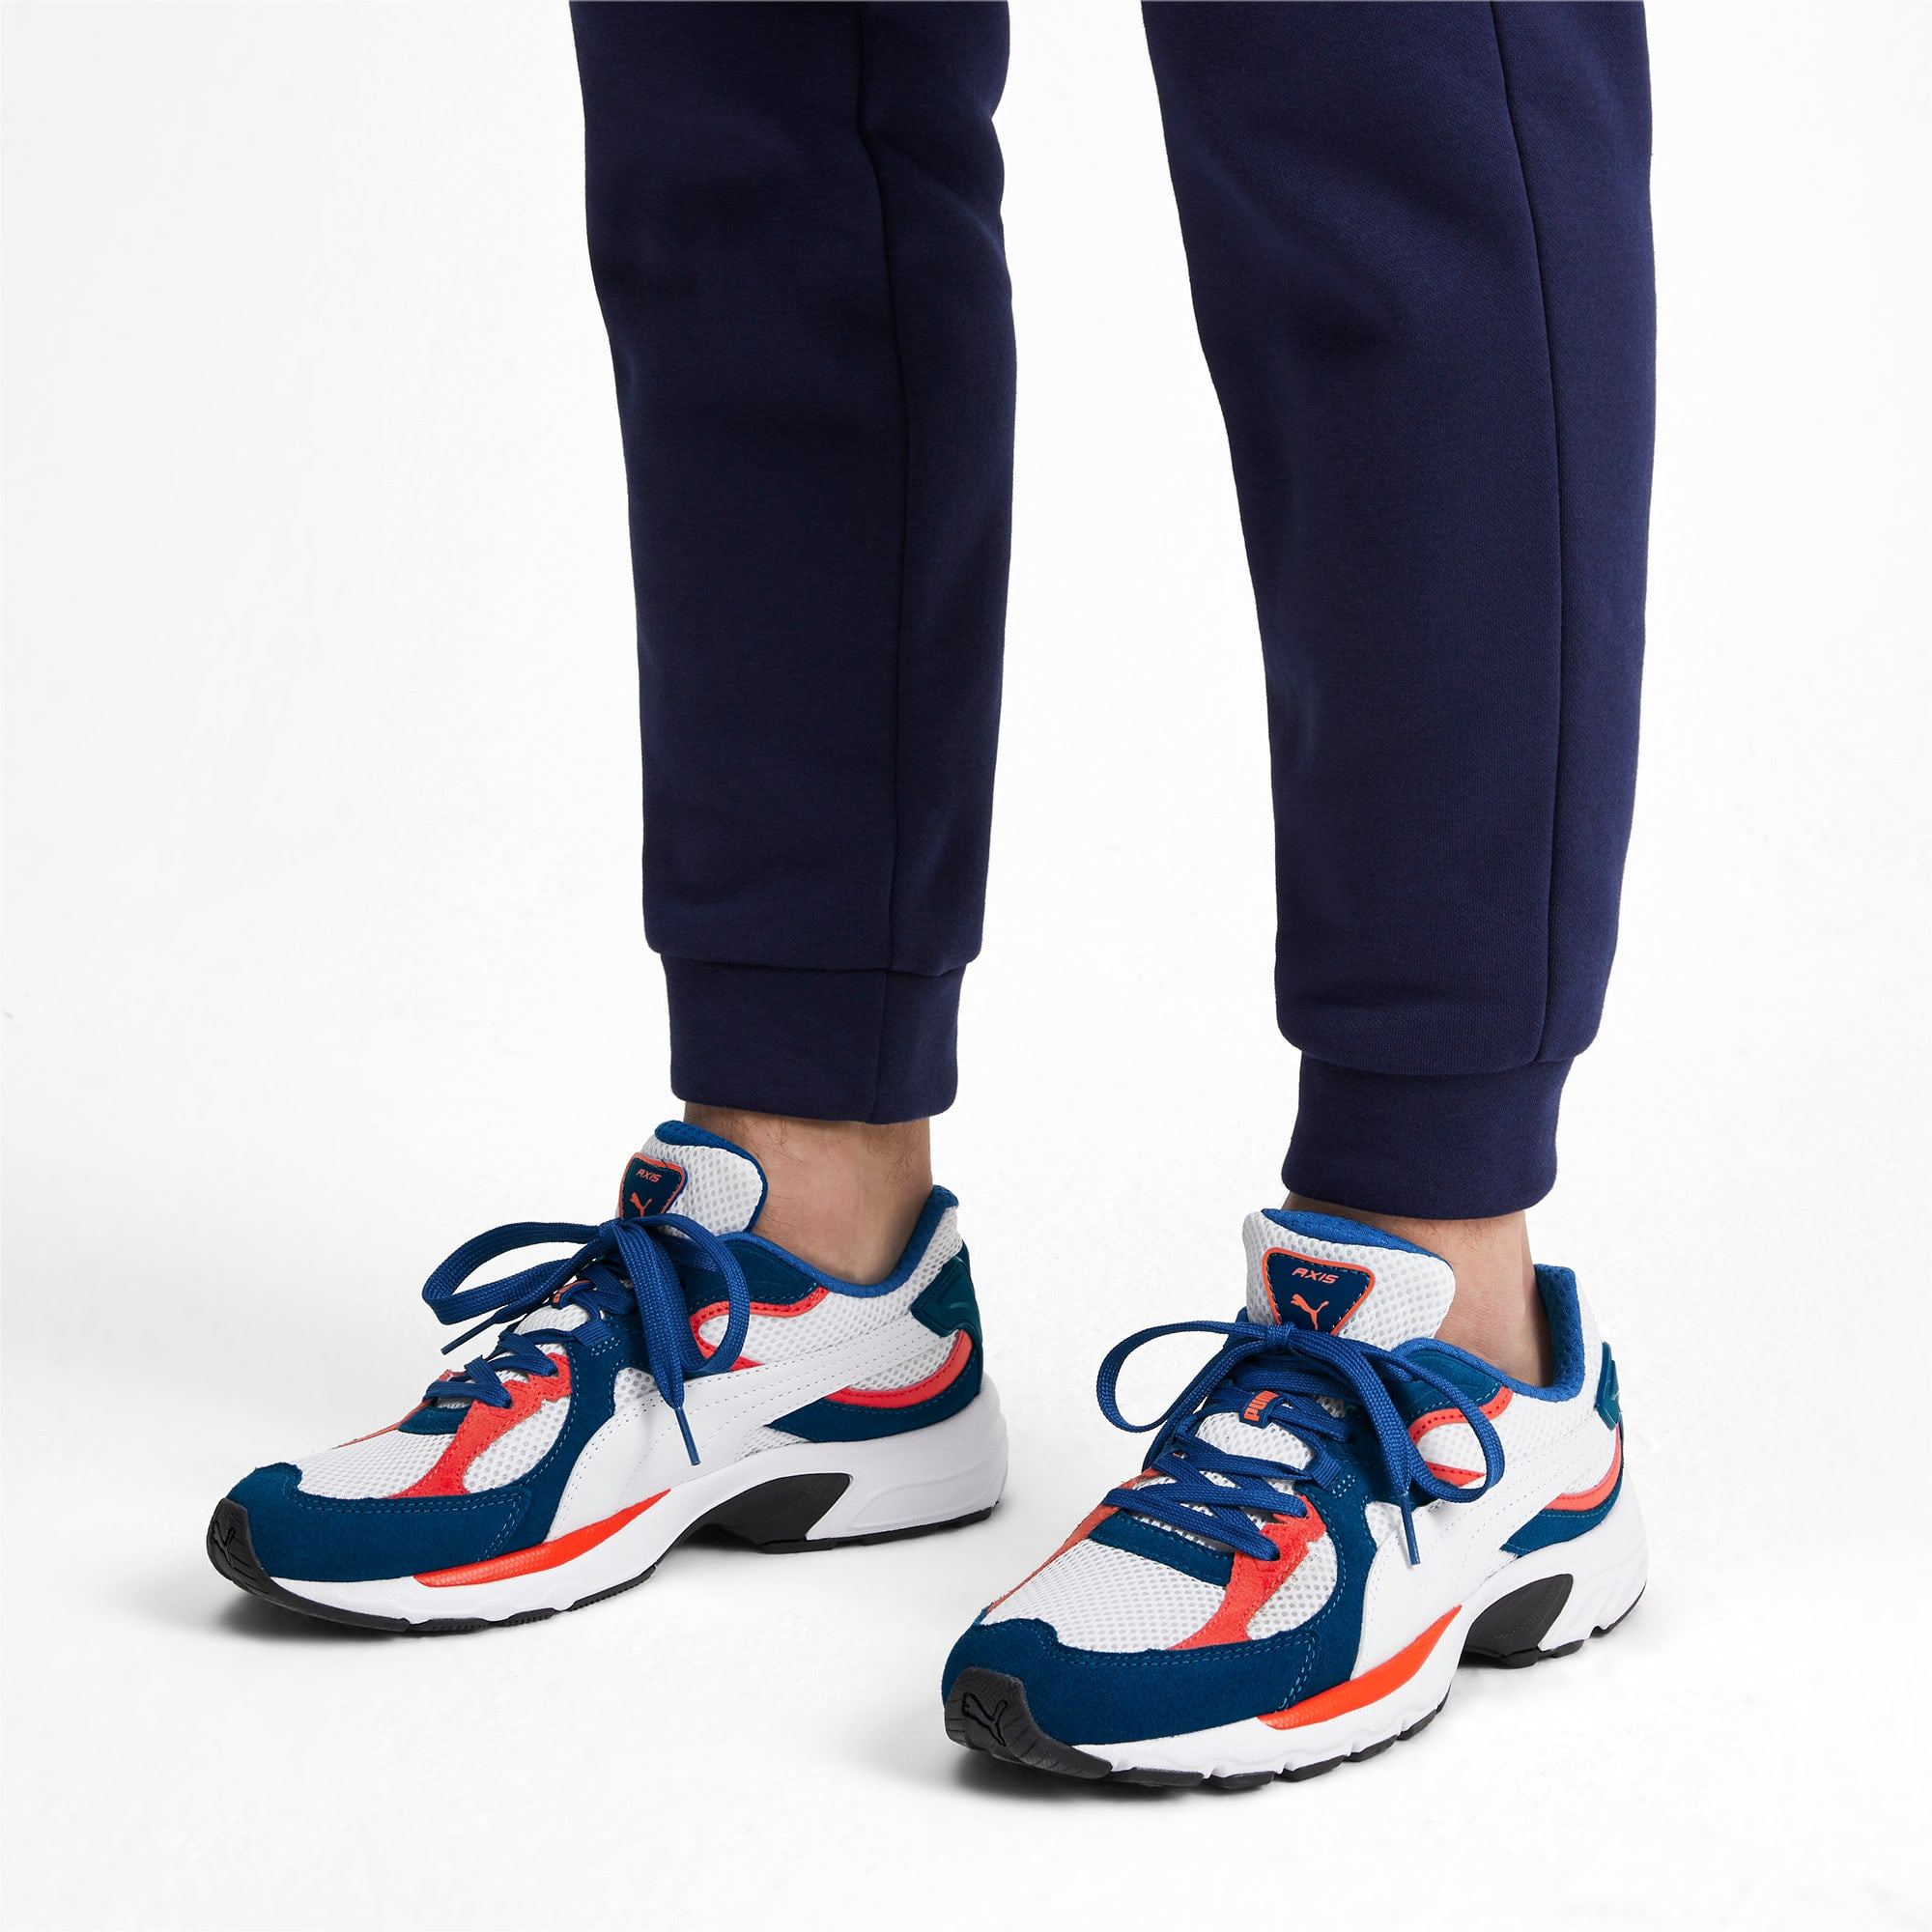 Thumbnail 2 of Axis Plus SD sneakers, White-G Blue-C Tomato-Black, medium